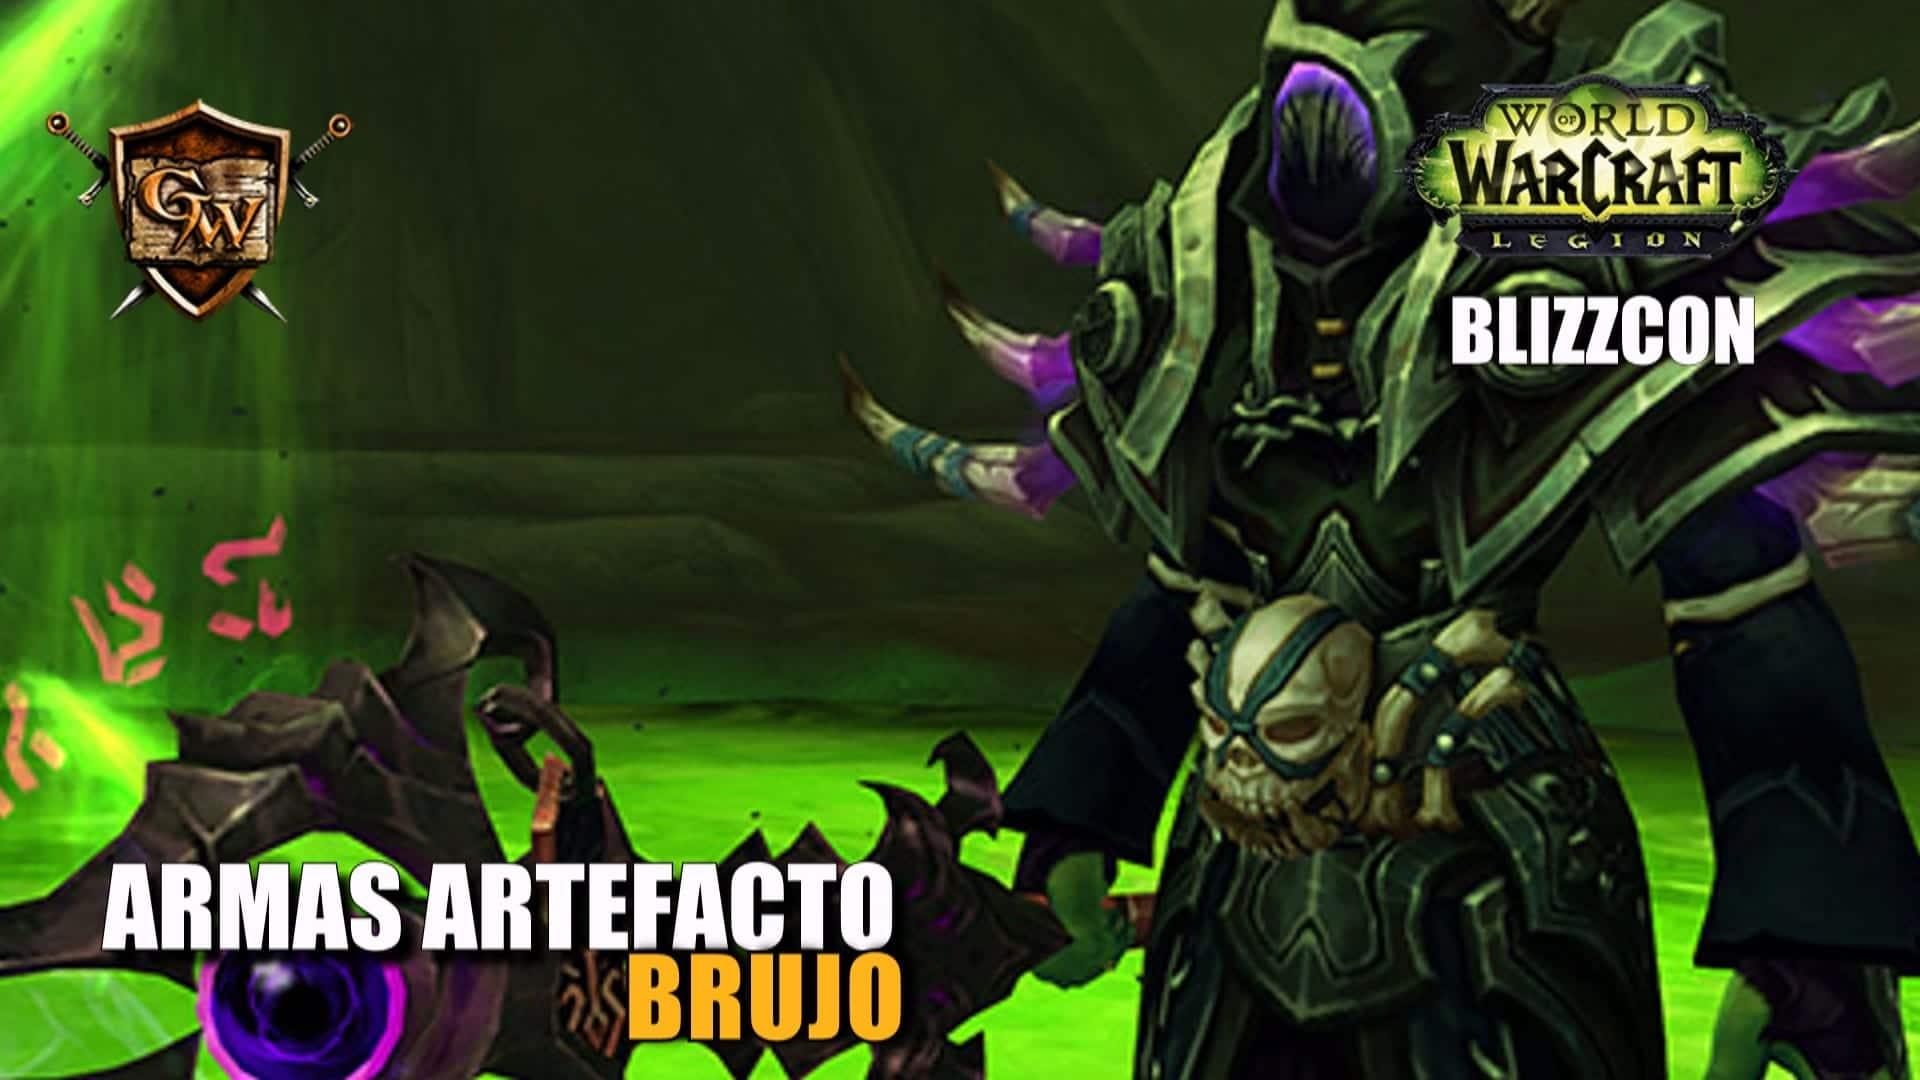 Armas artefacto: Brujo